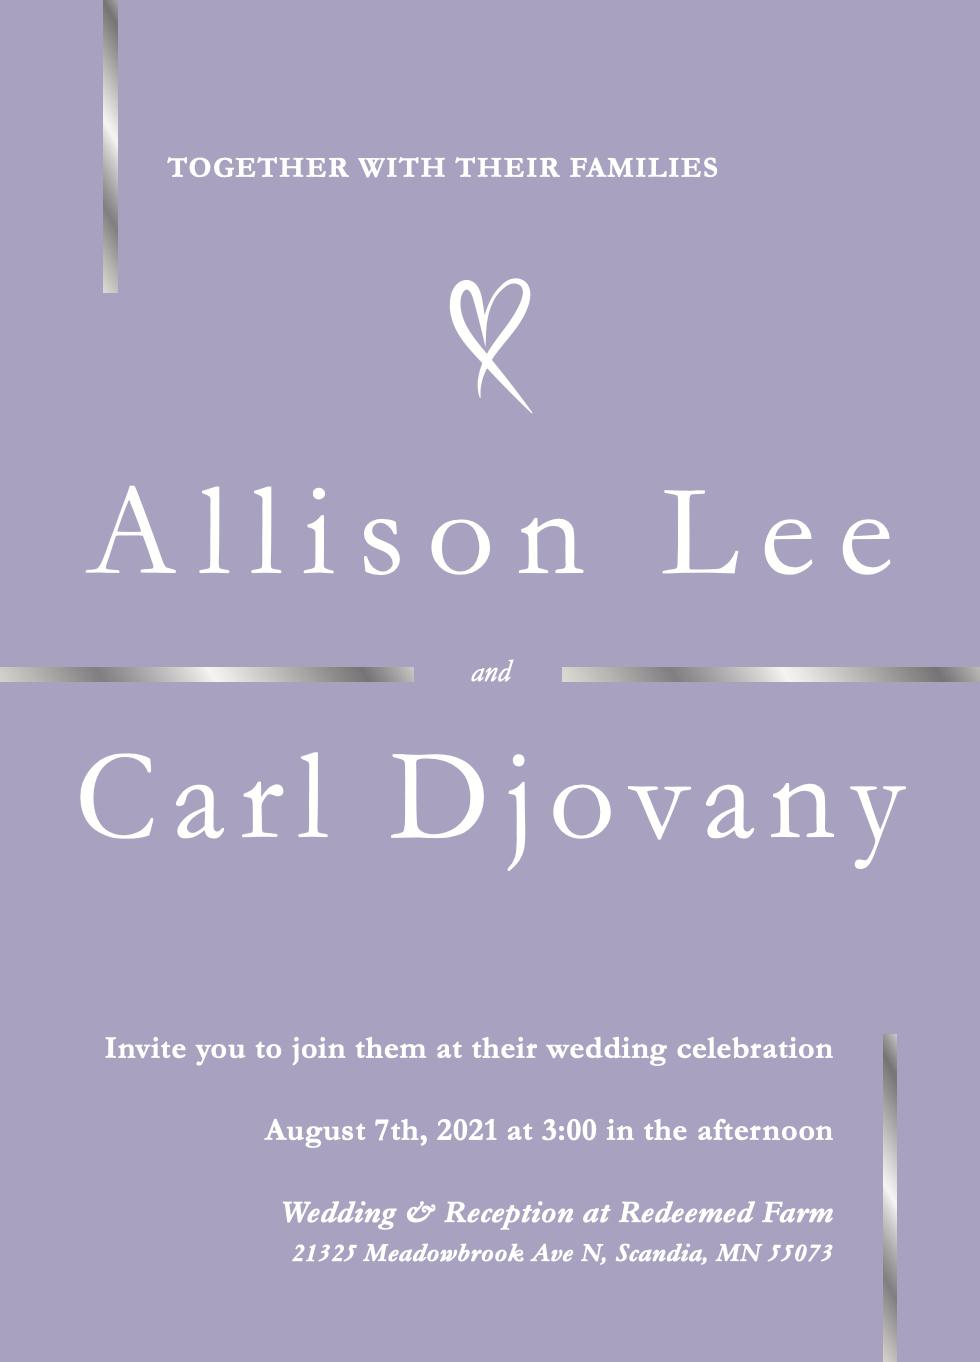 Alli and Carl invites